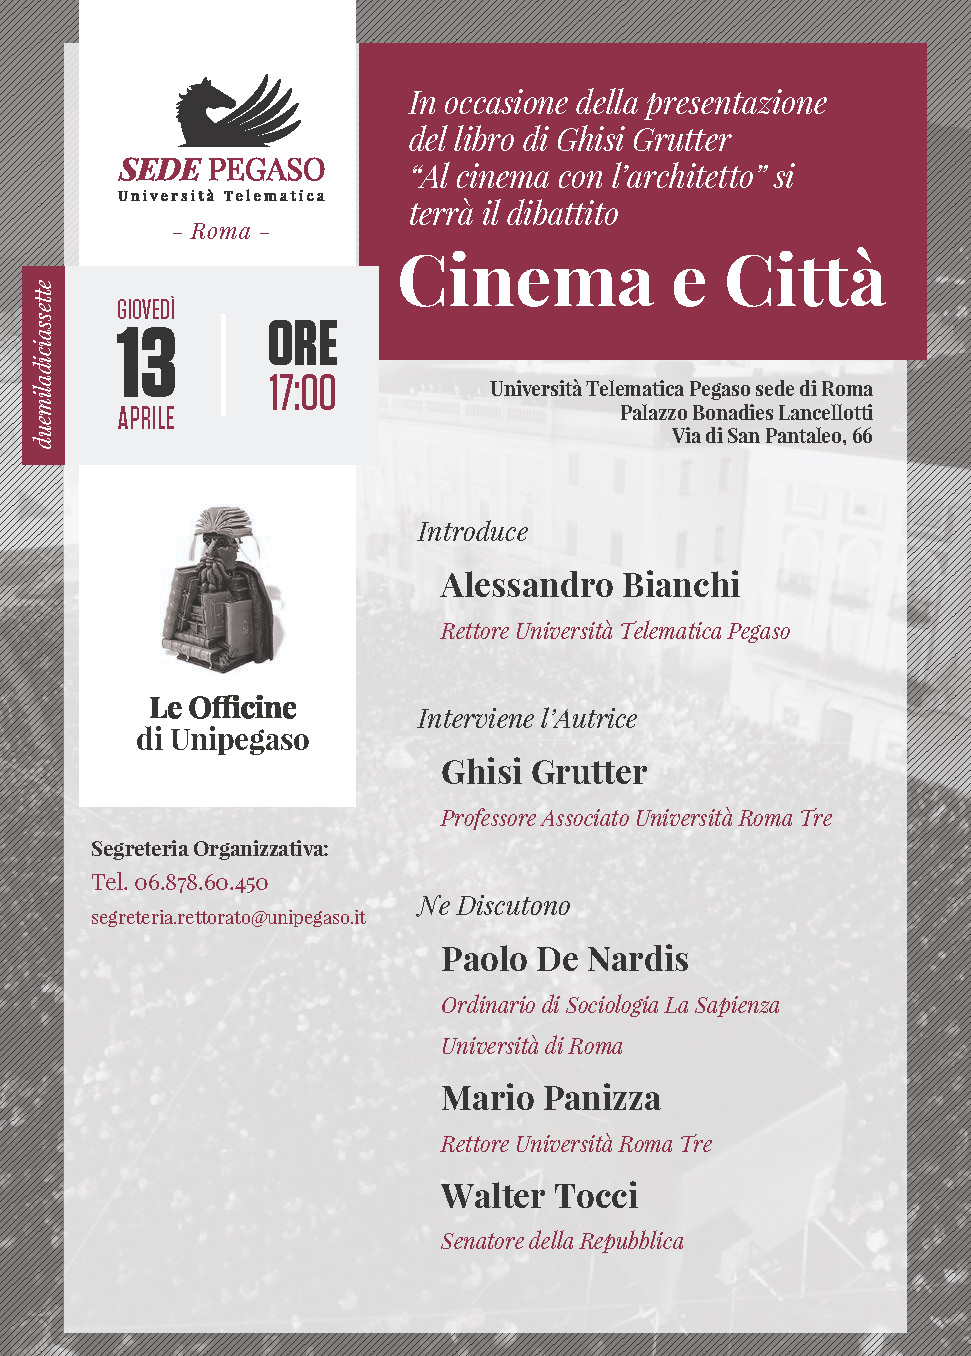 Cinema e Città | UniPegaso